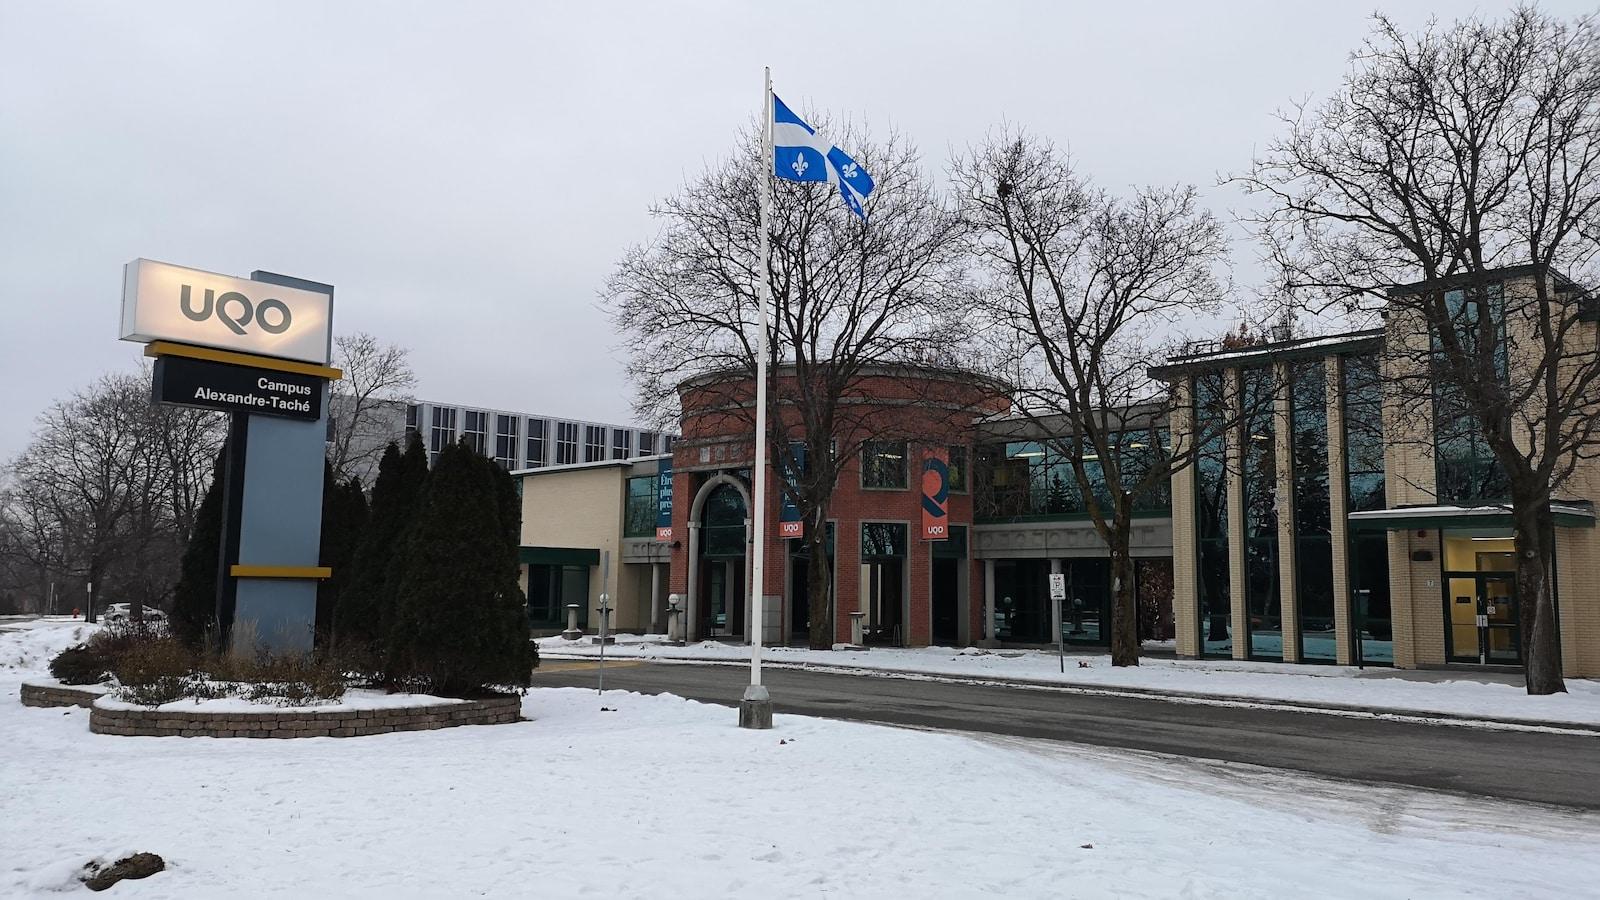 L'Université du Québec en Outaouais l'hiver.